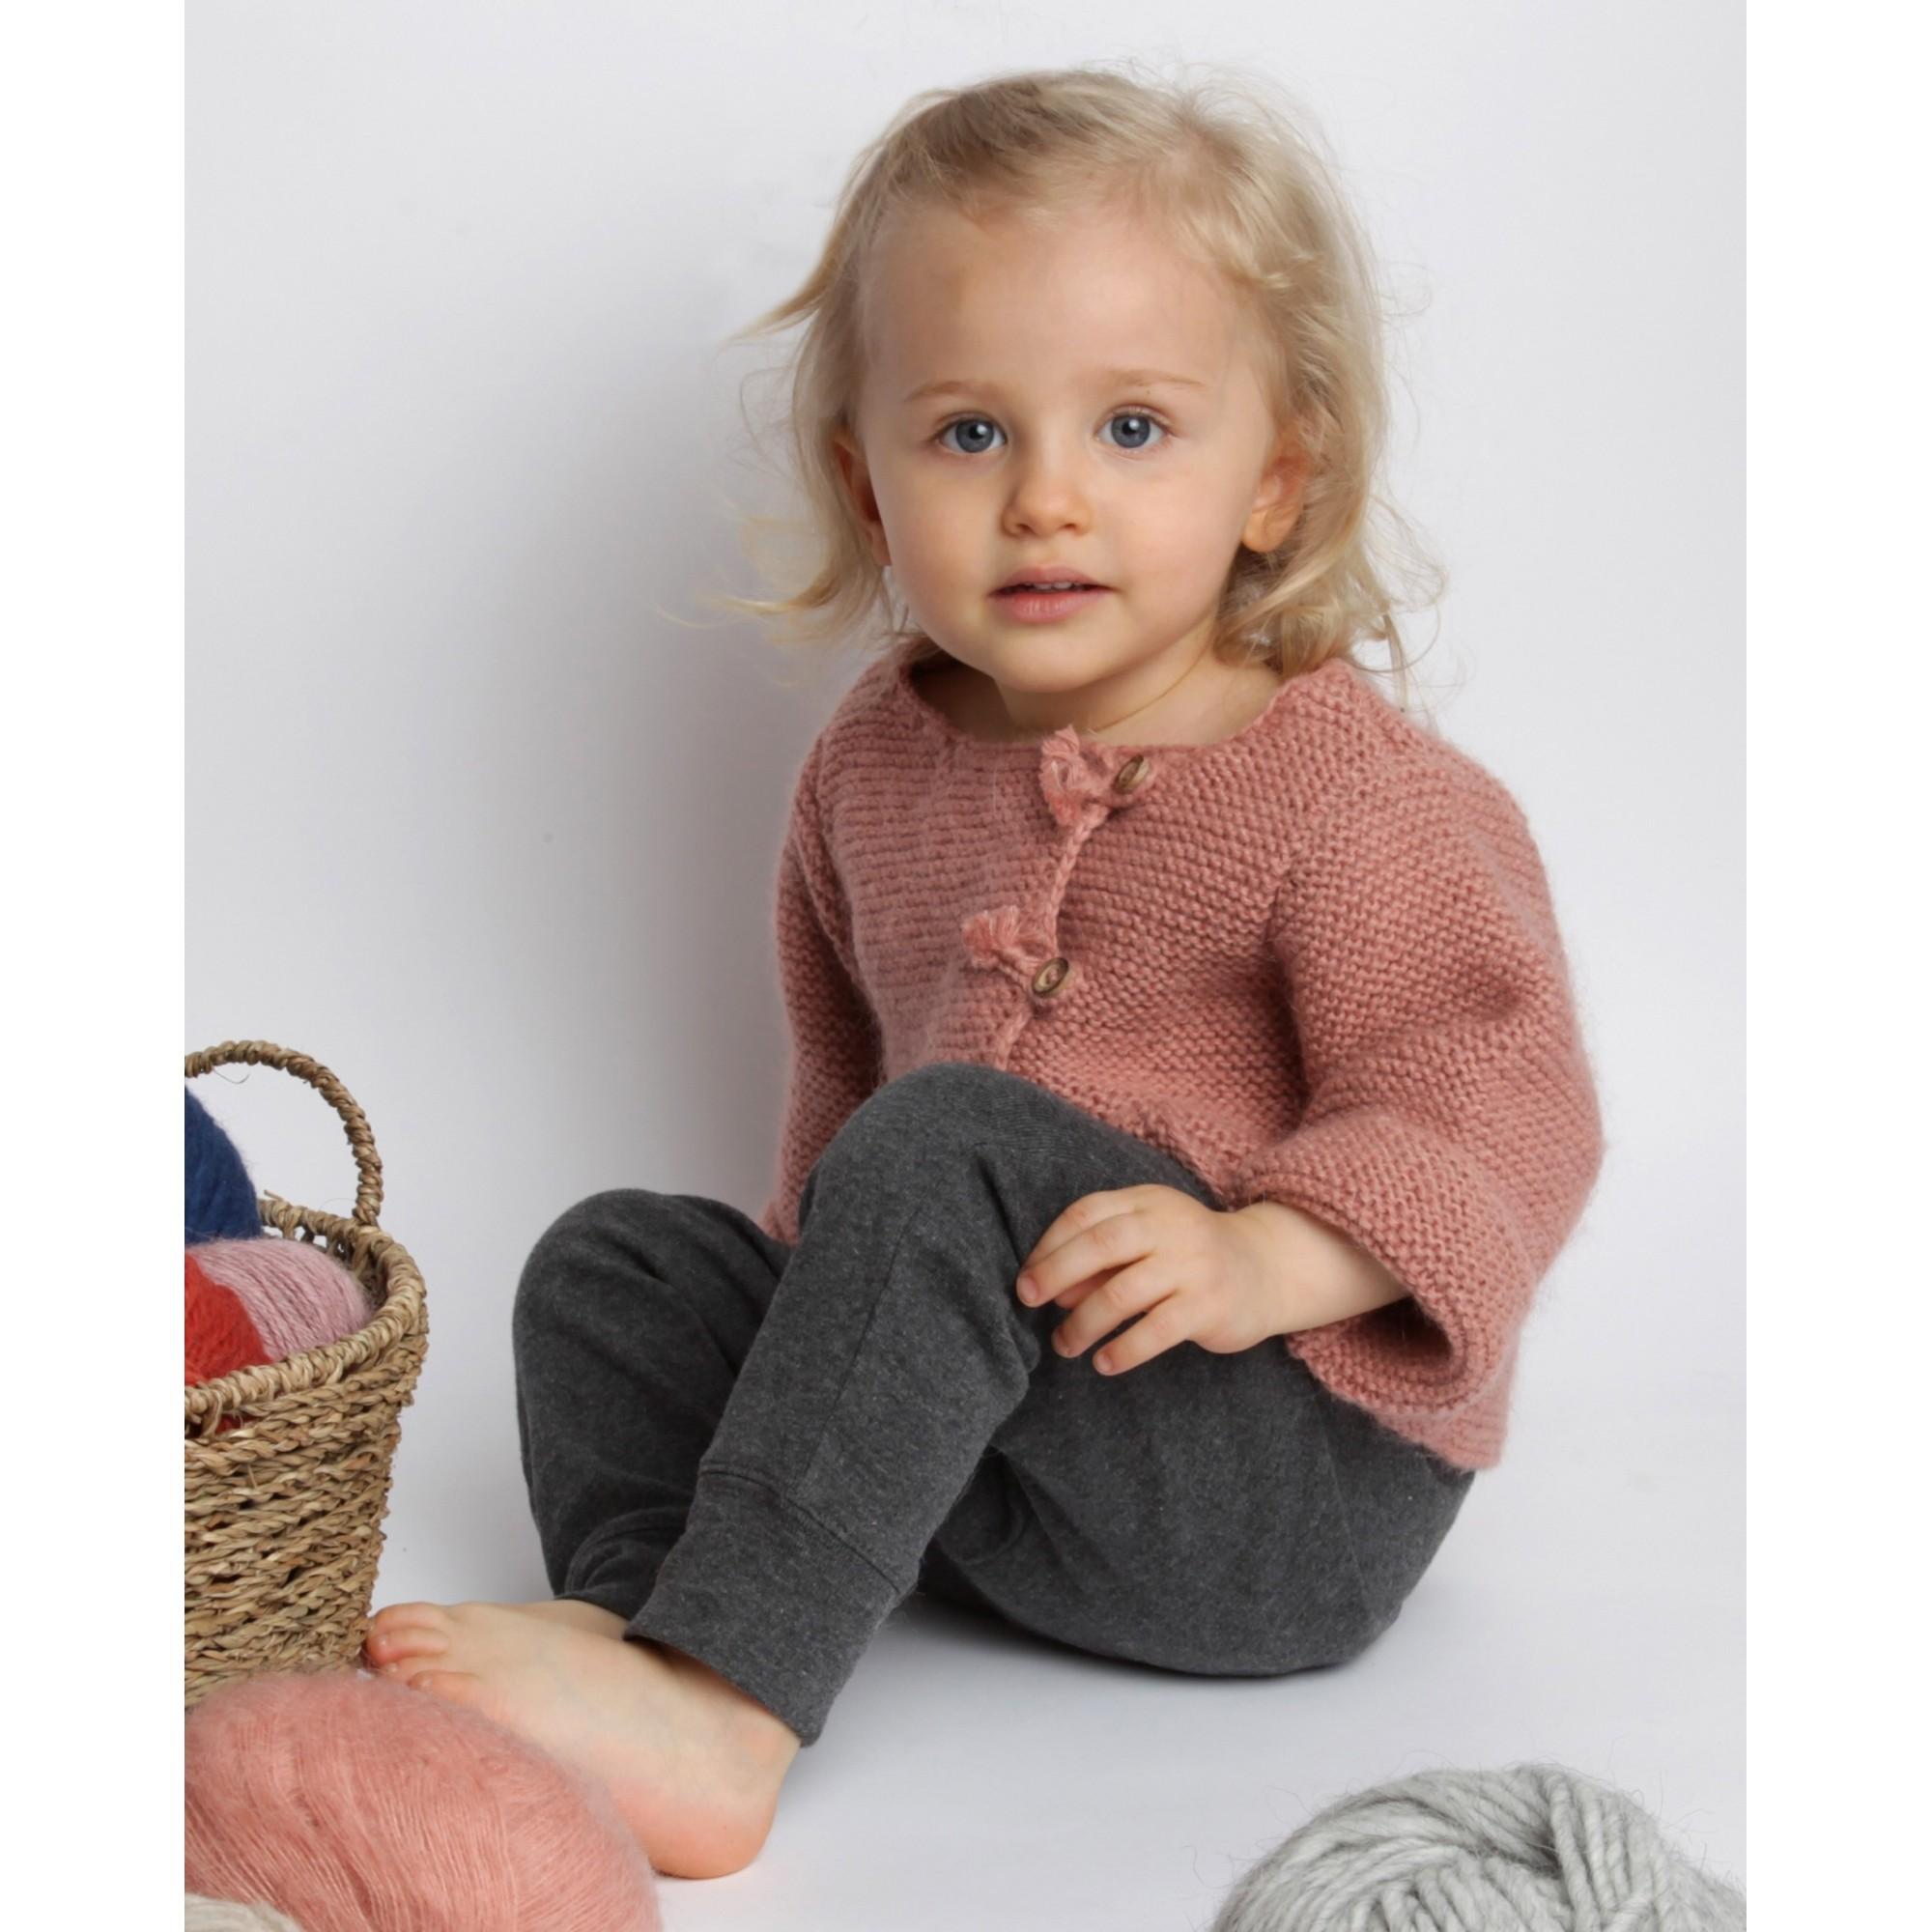 Pantalon de jogging - Sarouel bébé gris anthracite et gilet Marie-Jeanne